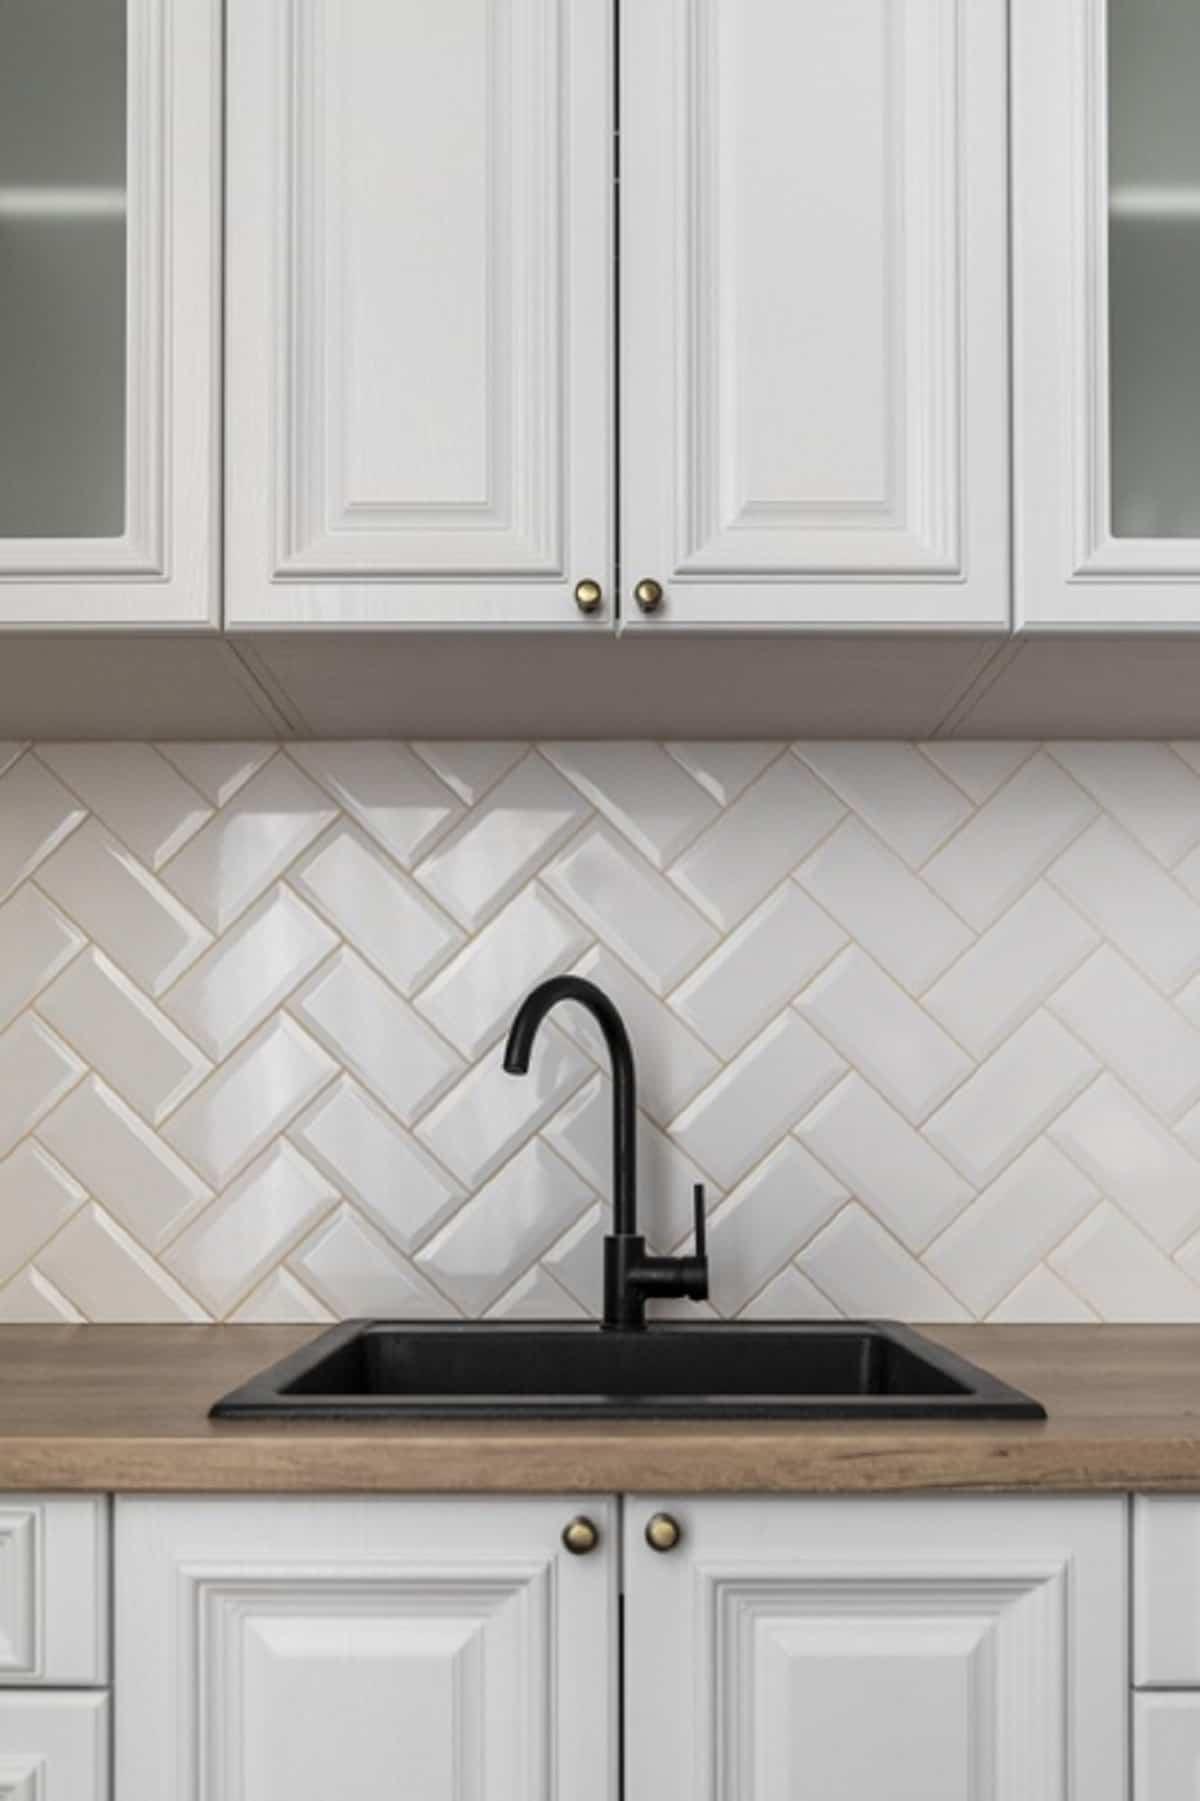 Tendencias actuales para la cocina es la colocación original de los azulejos.